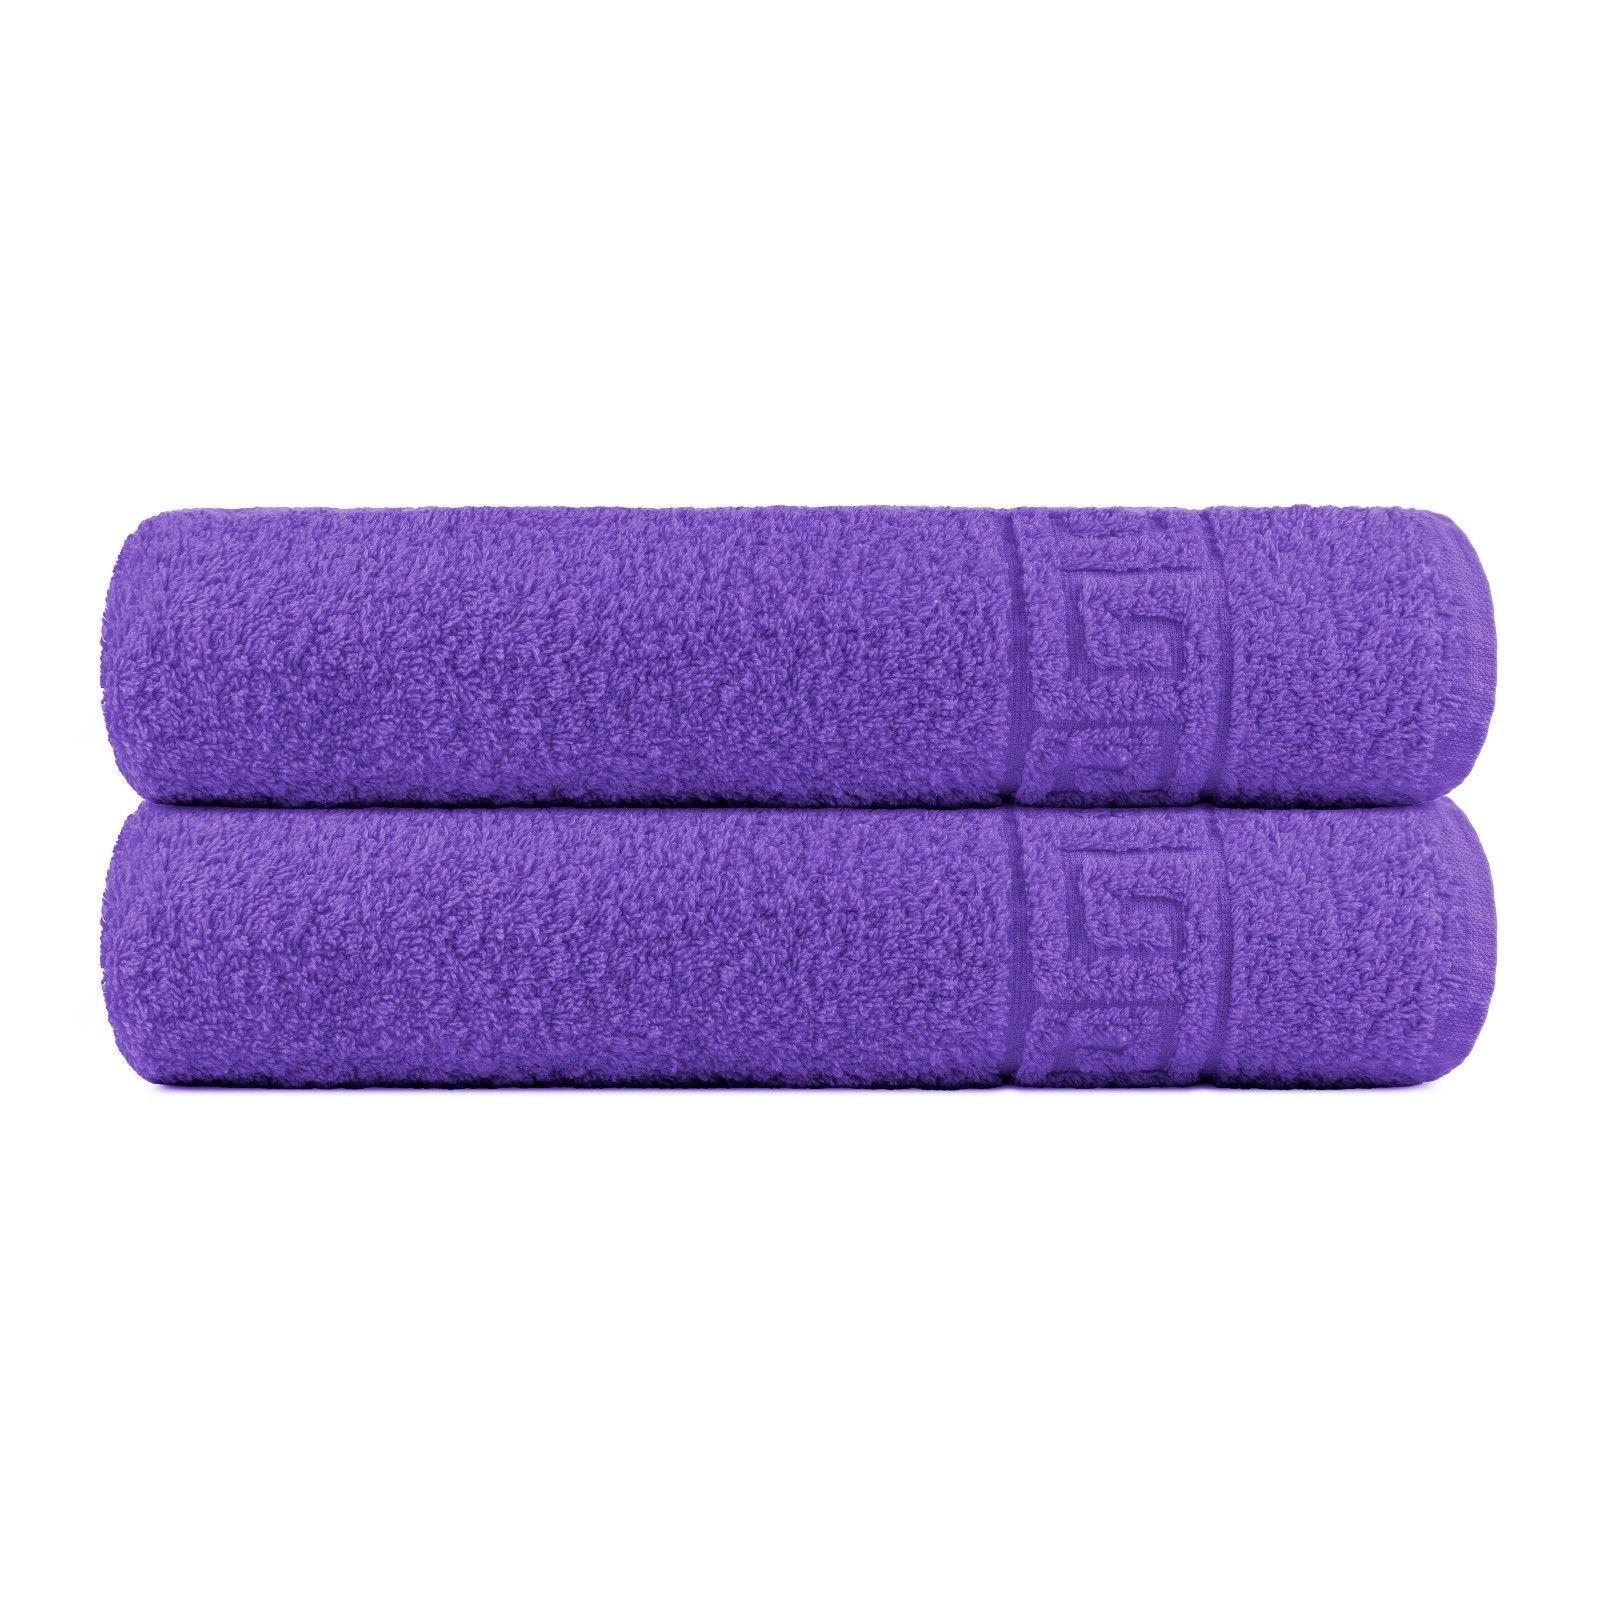 Bath 2 Towels Spa Cotton